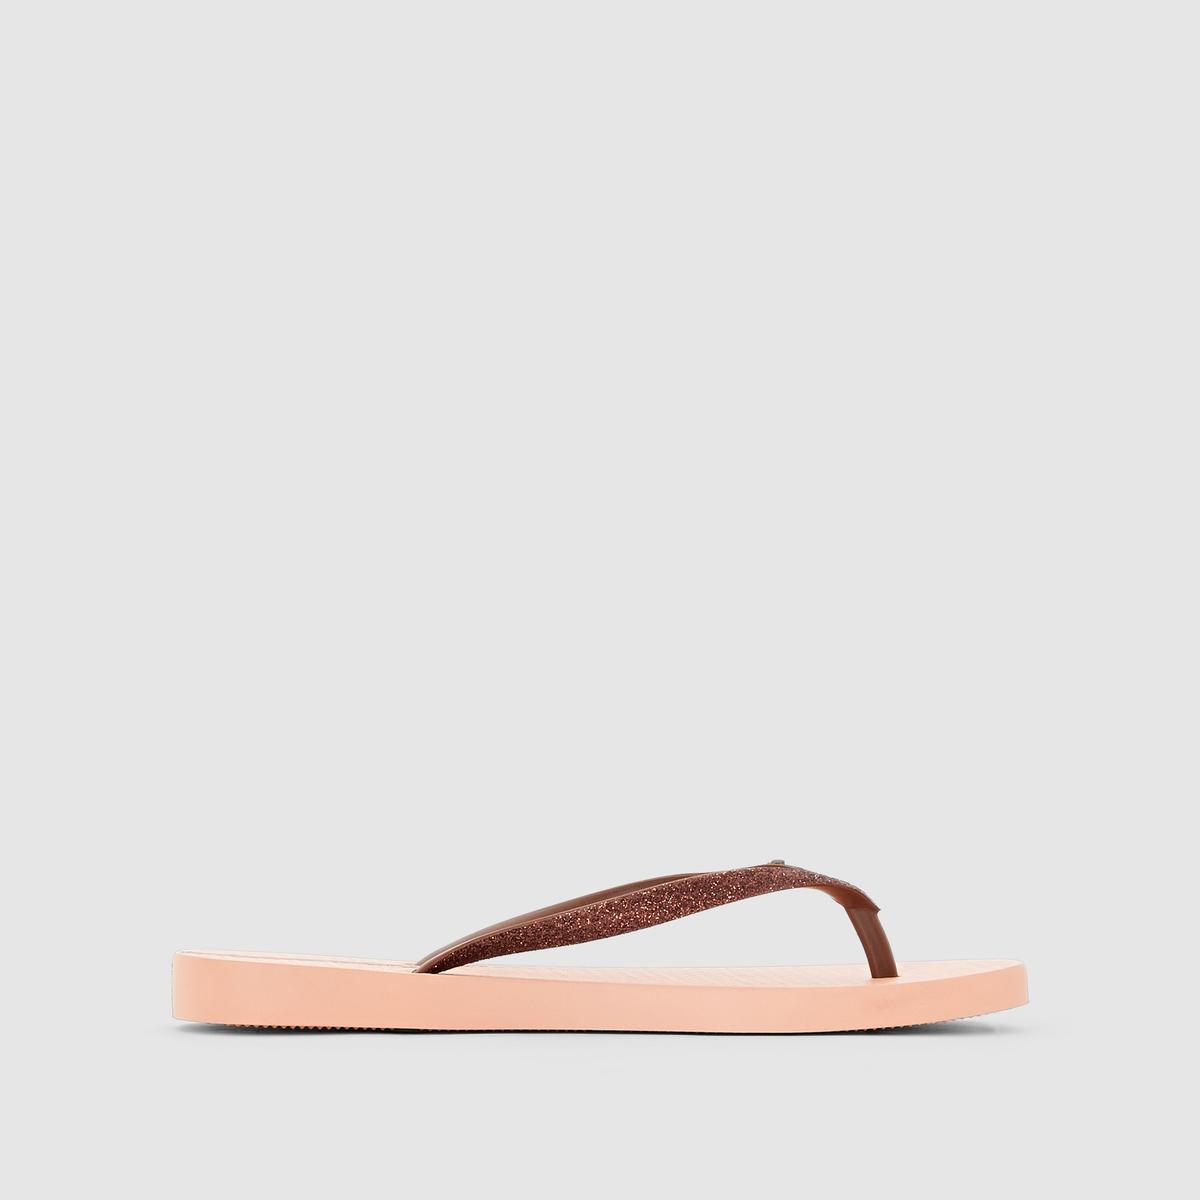 Вьетнамки Lolita III FemВерх/Голенище : каучук   Стелька : каучук   Подошва : каучук   Форма каблука : плоский каблук   Мысок : открытый мысок   Застежка : без застежки<br><br>Цвет: розовый/ каштановый<br>Размер: 38